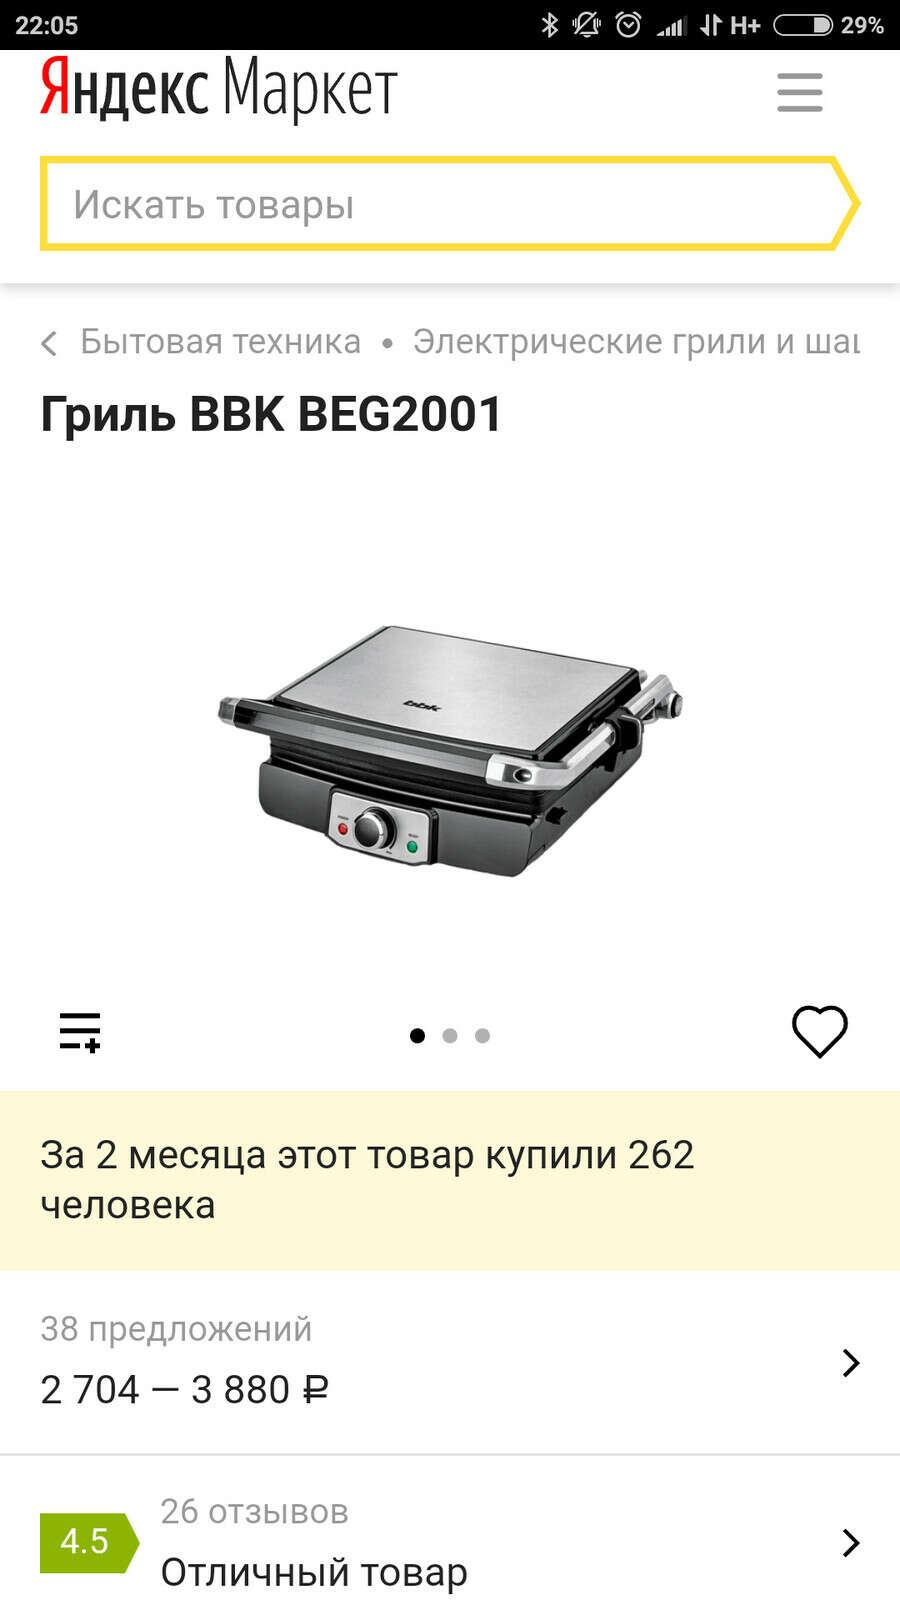 Гриль BBK BEG2001